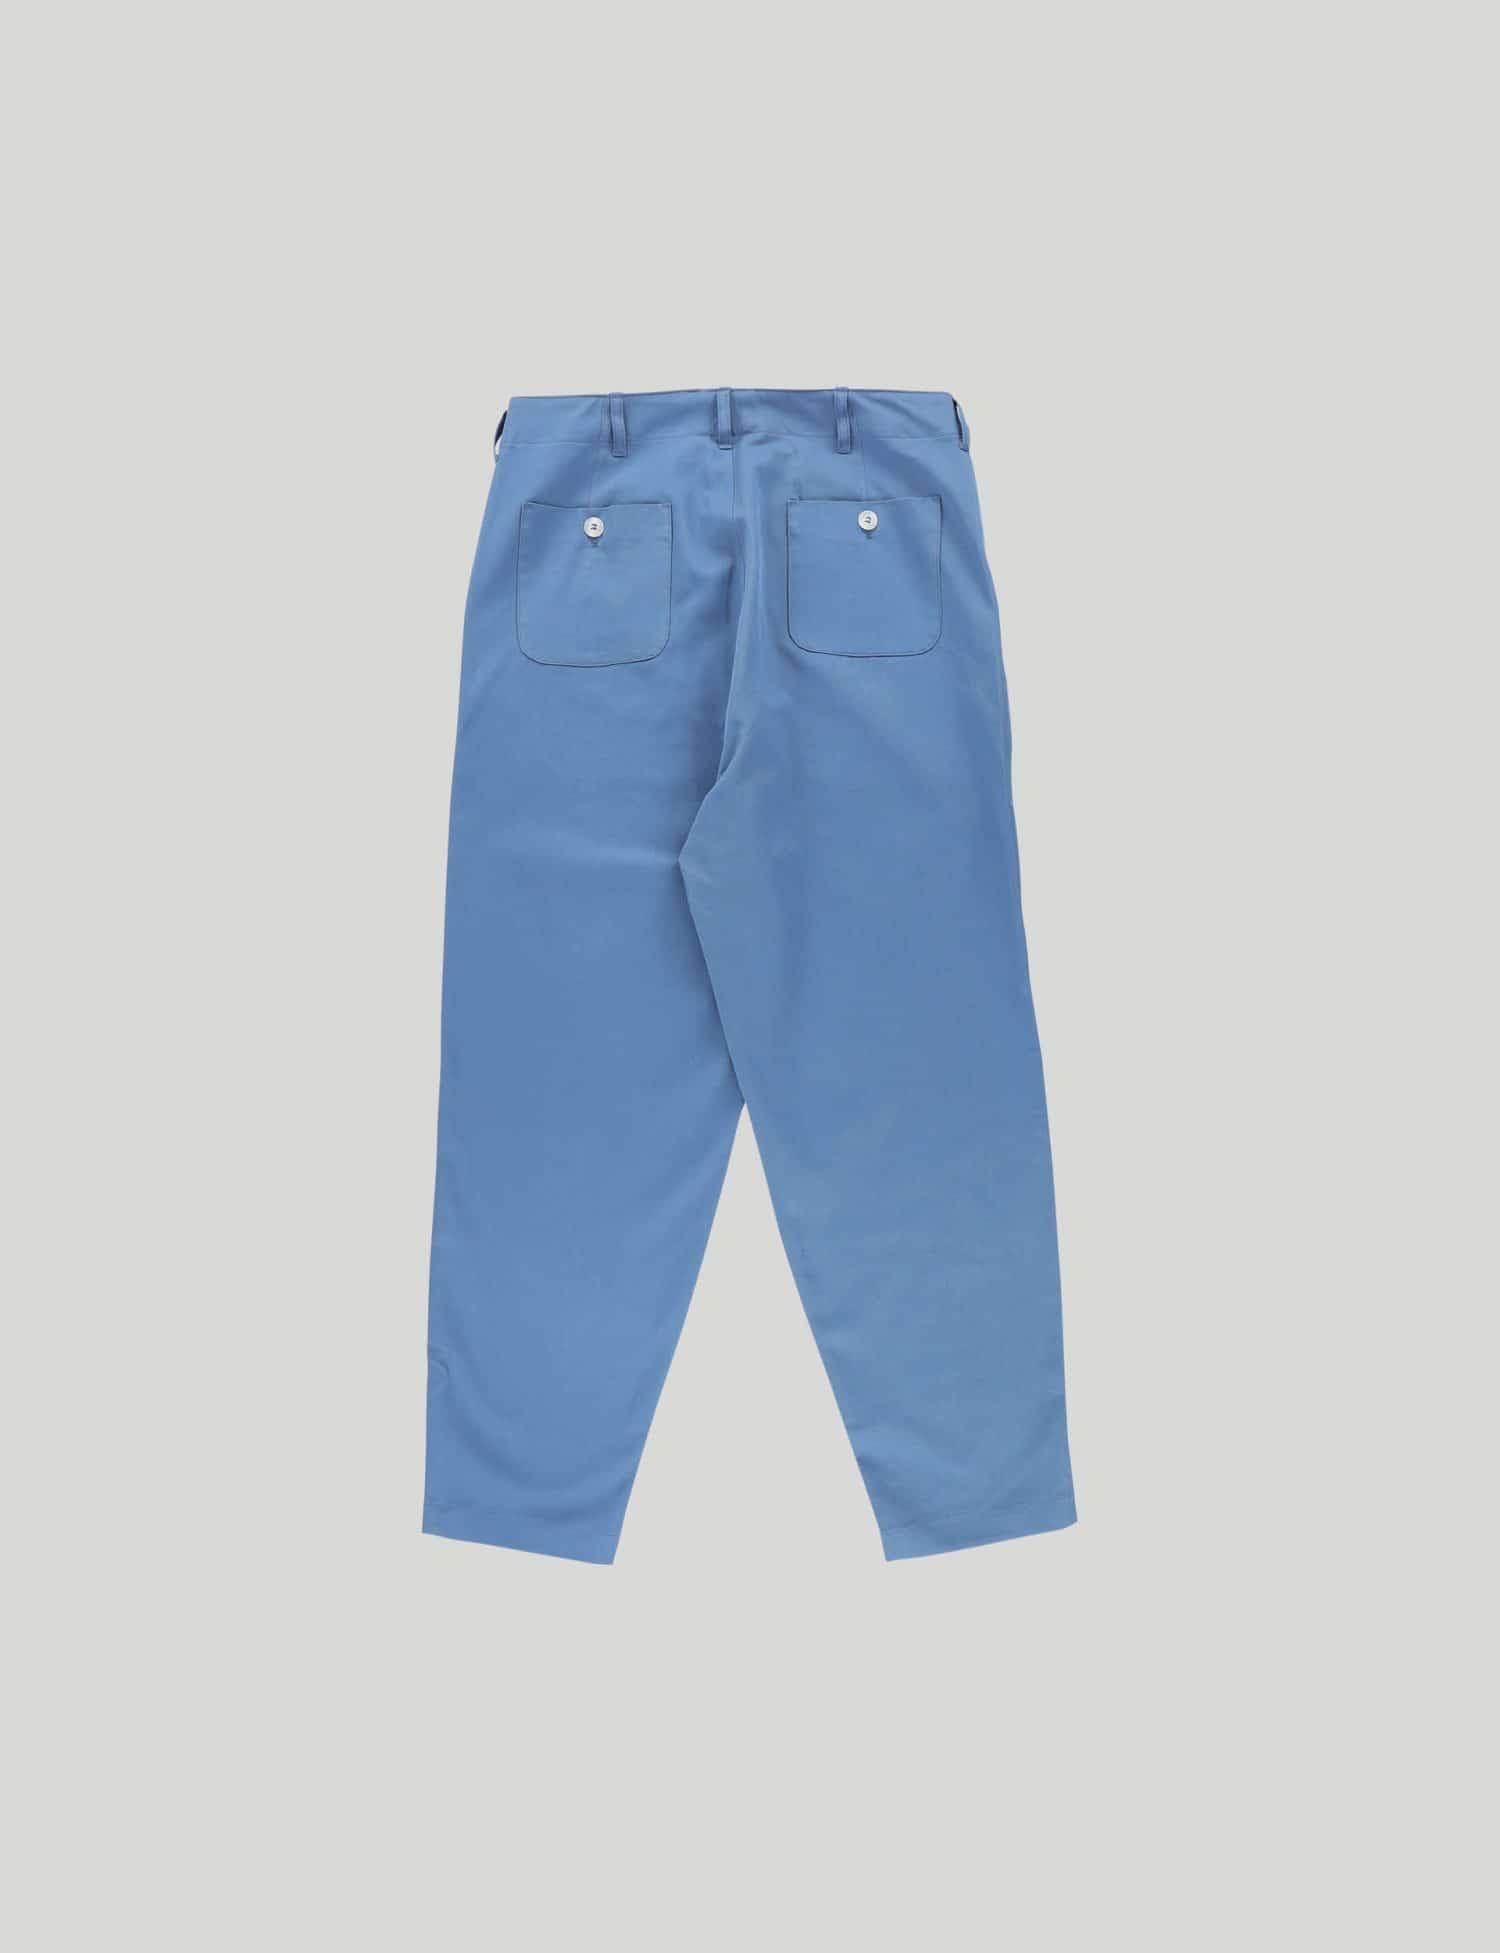 Castart - Beachspider Trouser - Washed Blue